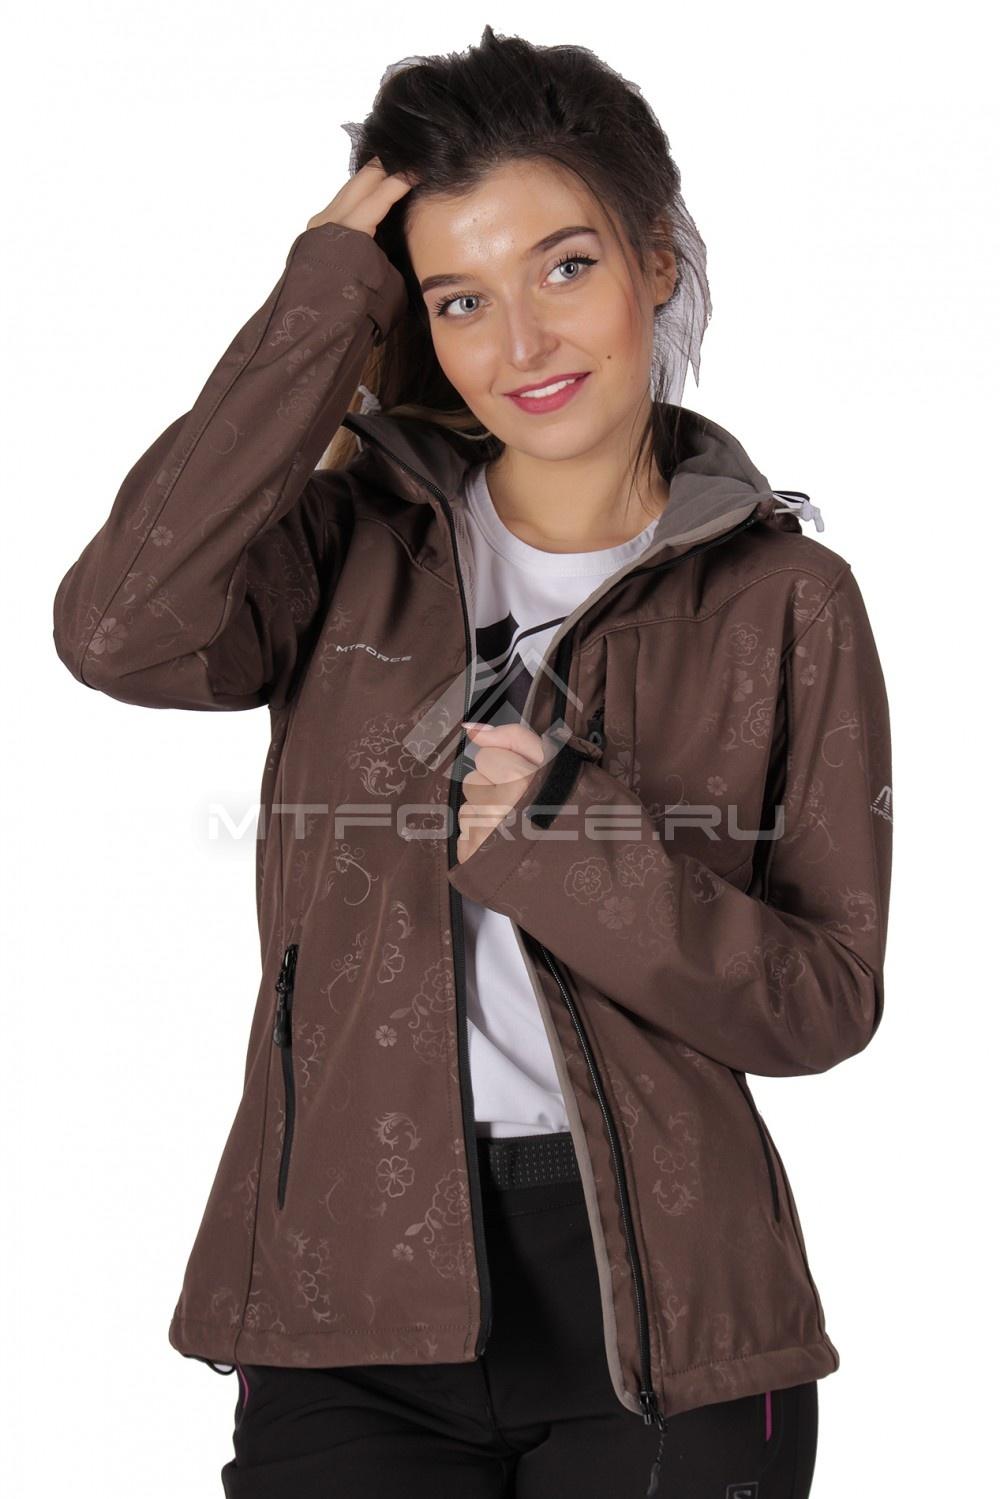 Купить  оптом Ветровка - виндстоппер женская коричневого цвета 1721K